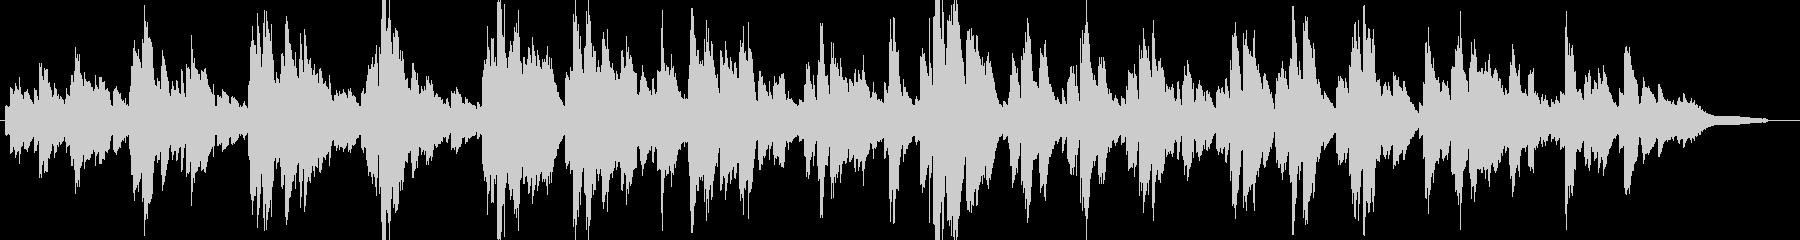 あたたかく優しい日常系ピアノソロ・ワルツの未再生の波形